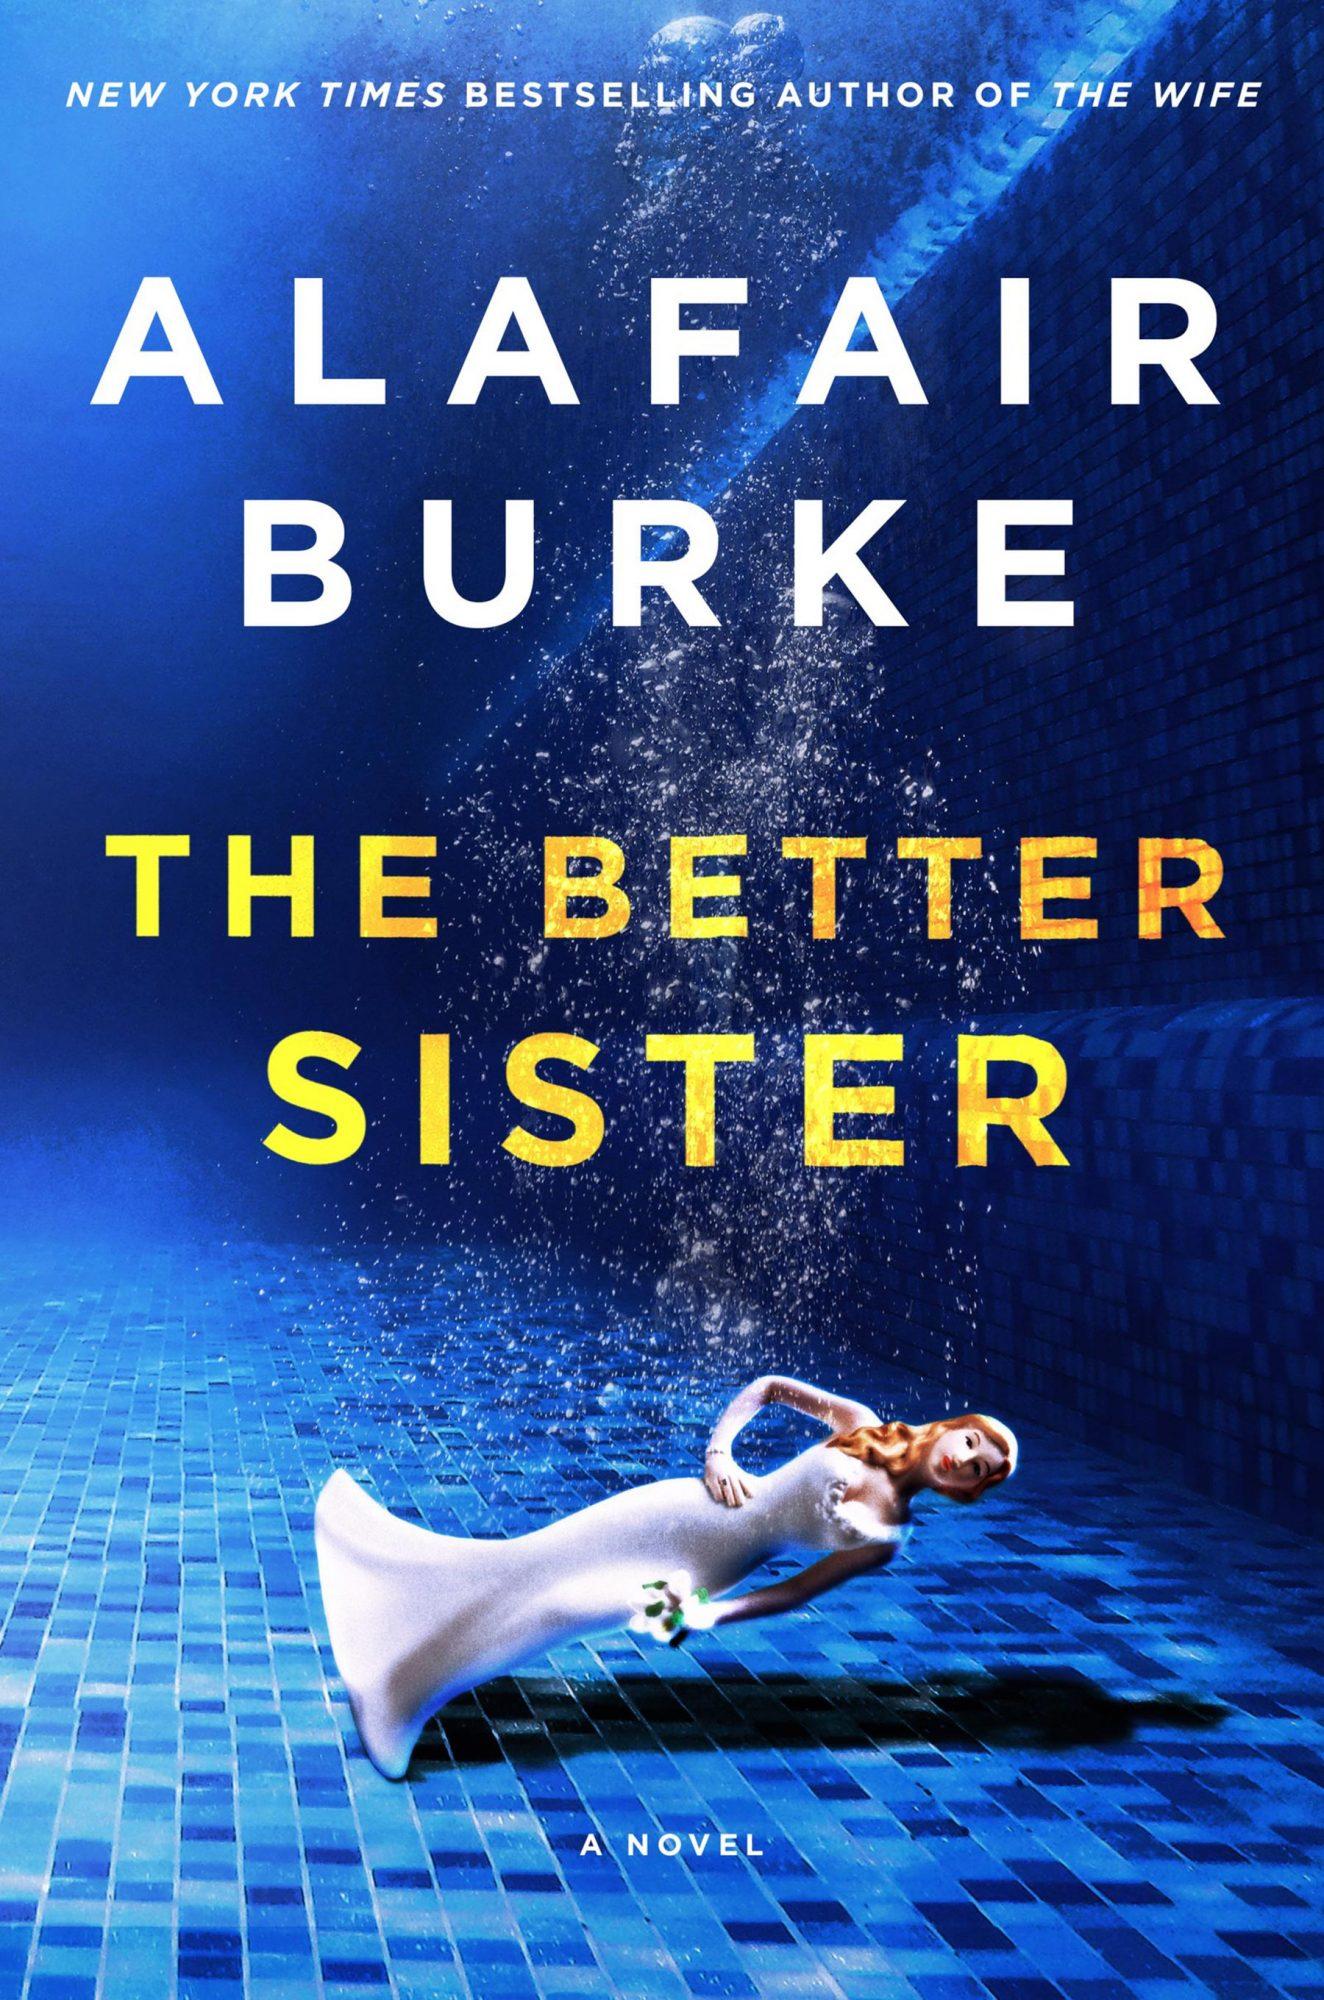 The Better Sister: A Novel by Alafair Burke Publisher: Harper